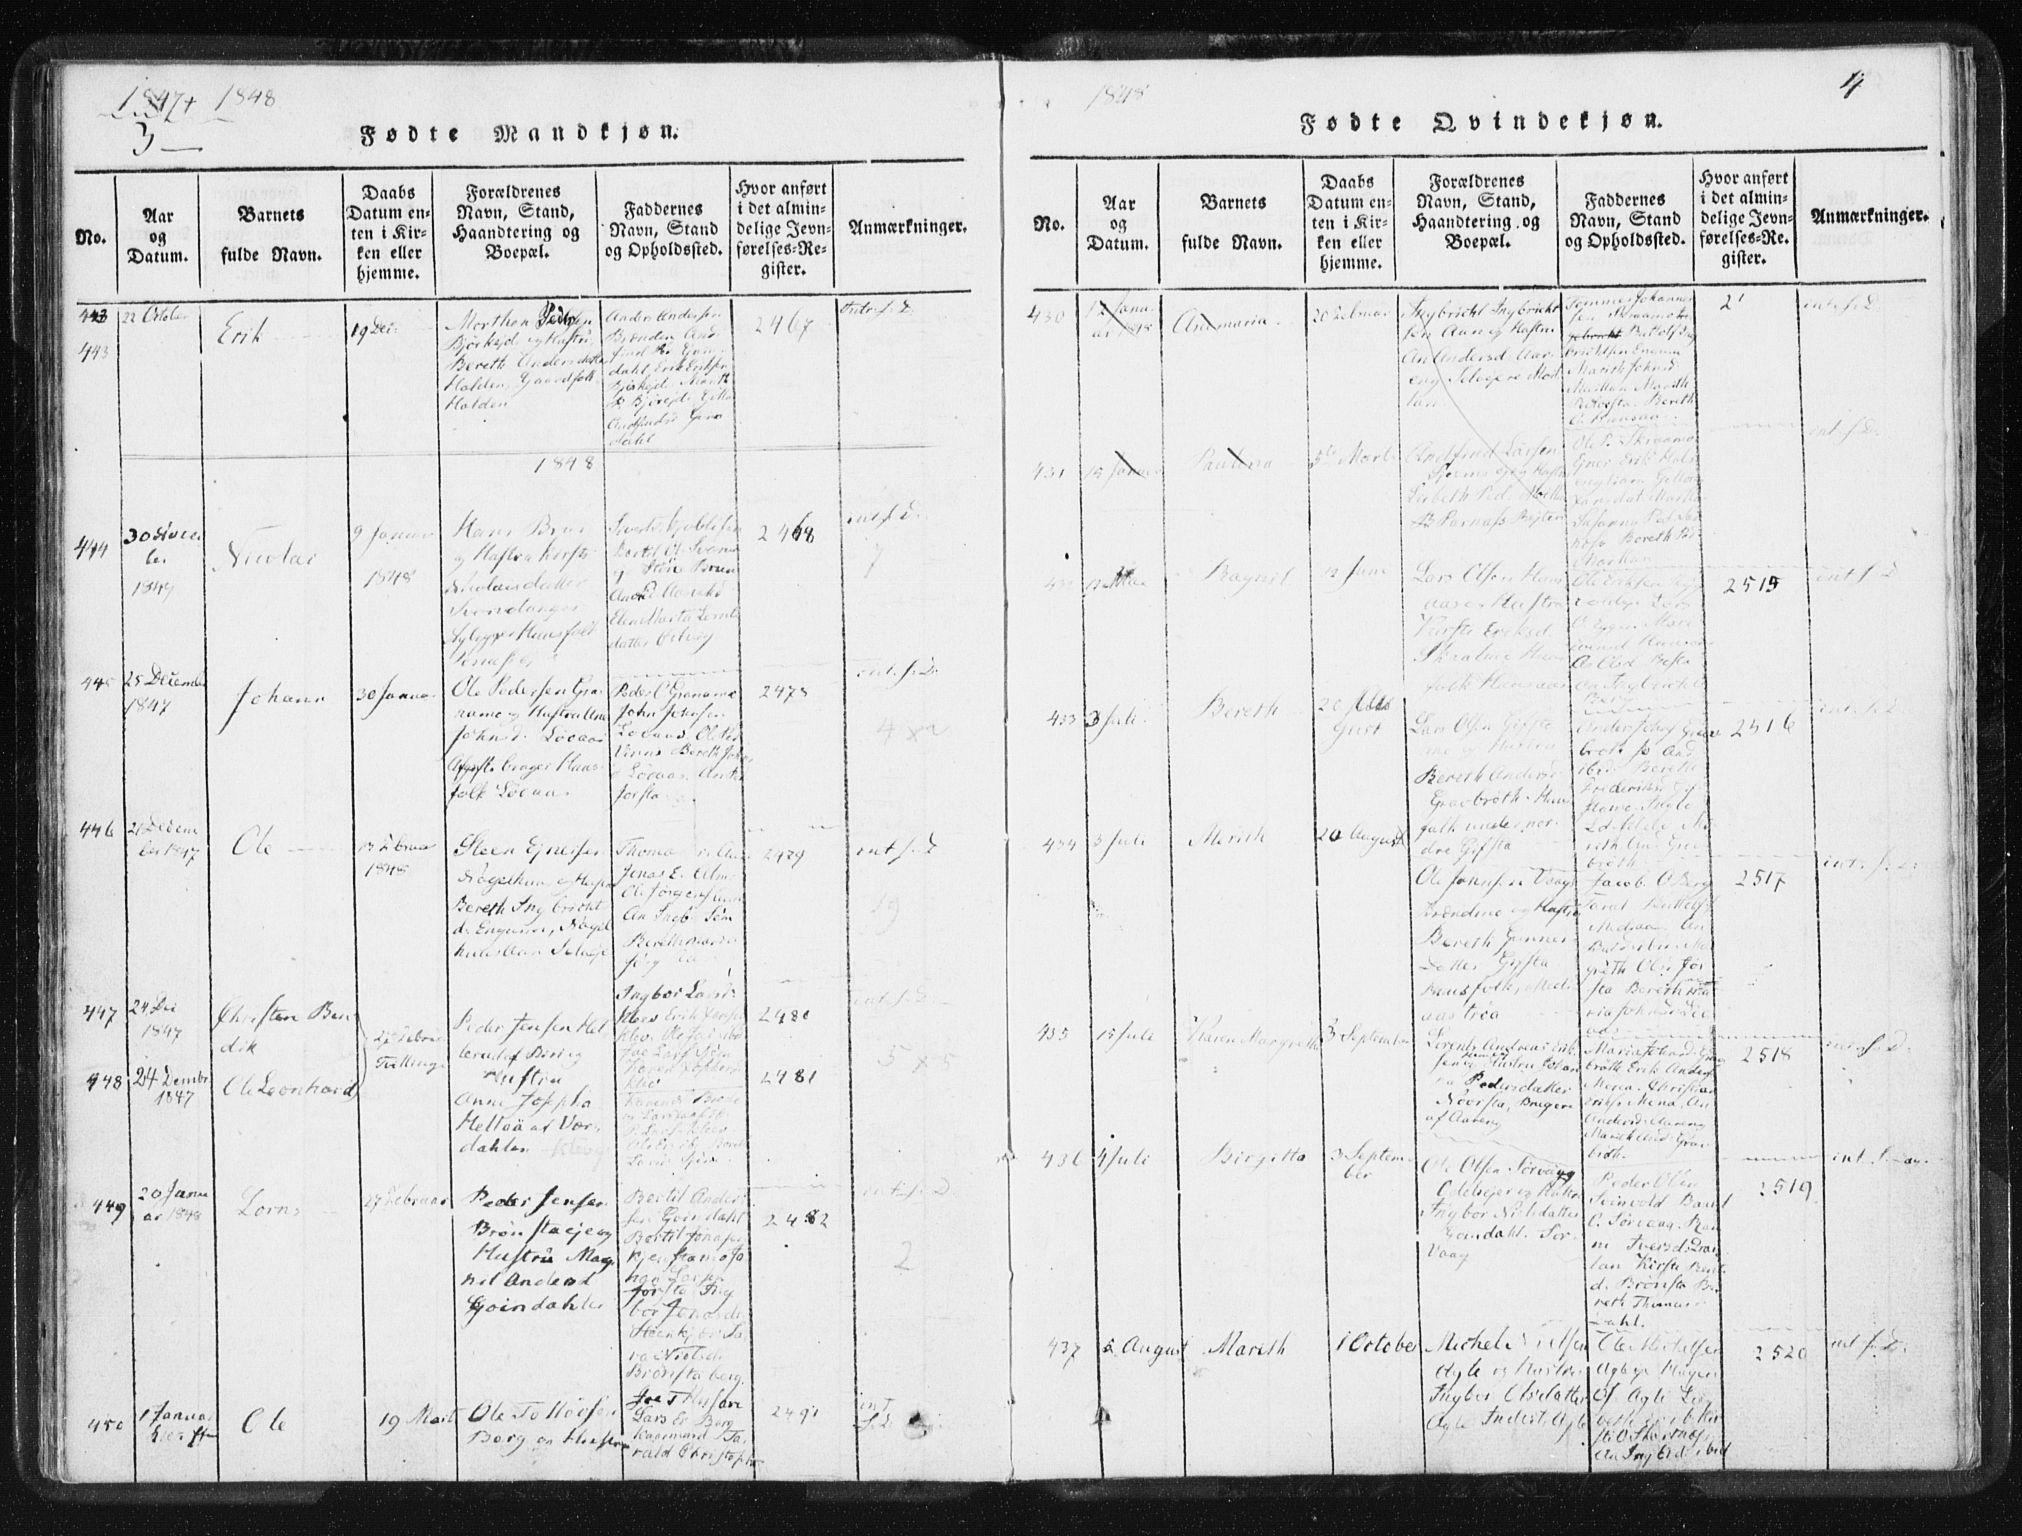 SAT, Ministerialprotokoller, klokkerbøker og fødselsregistre - Nord-Trøndelag, 749/L0471: Ministerialbok nr. 749A05, 1847-1856, s. 3-4